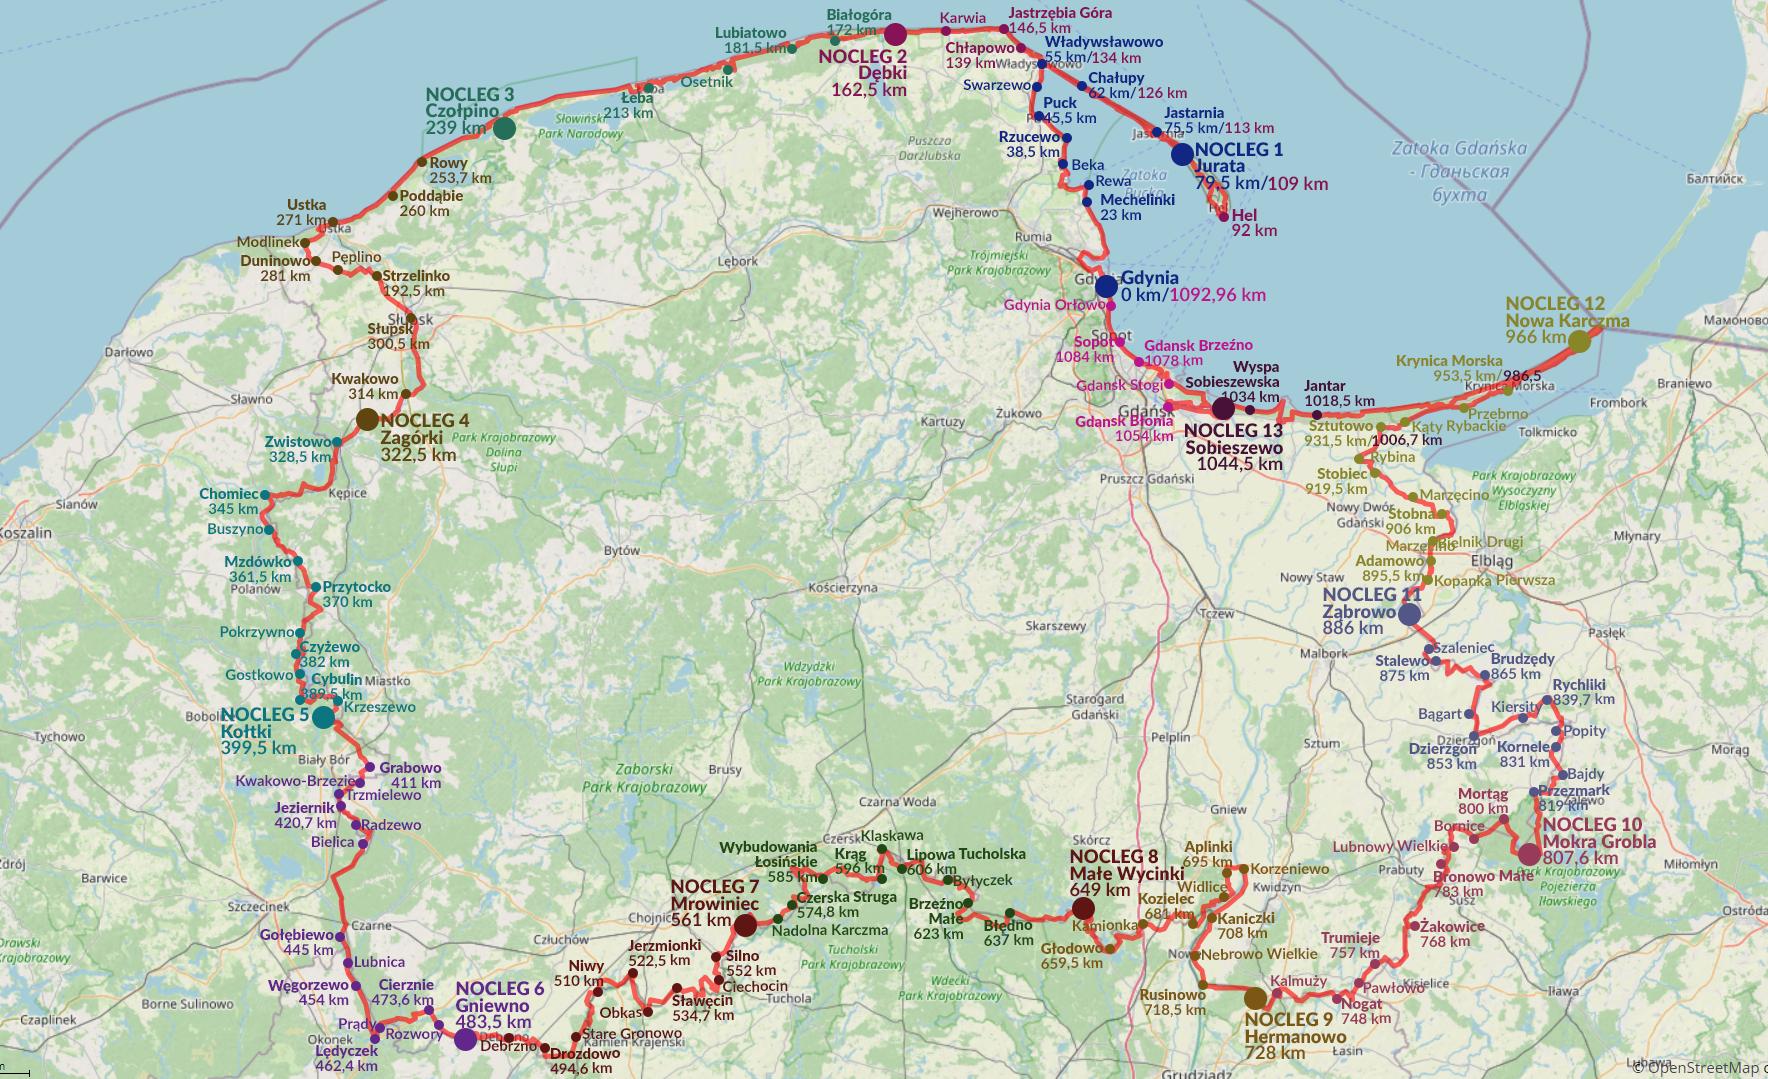 mapa biegu dookola wojewodztwa pomorskiego, grafika Agnieszka Glodawska